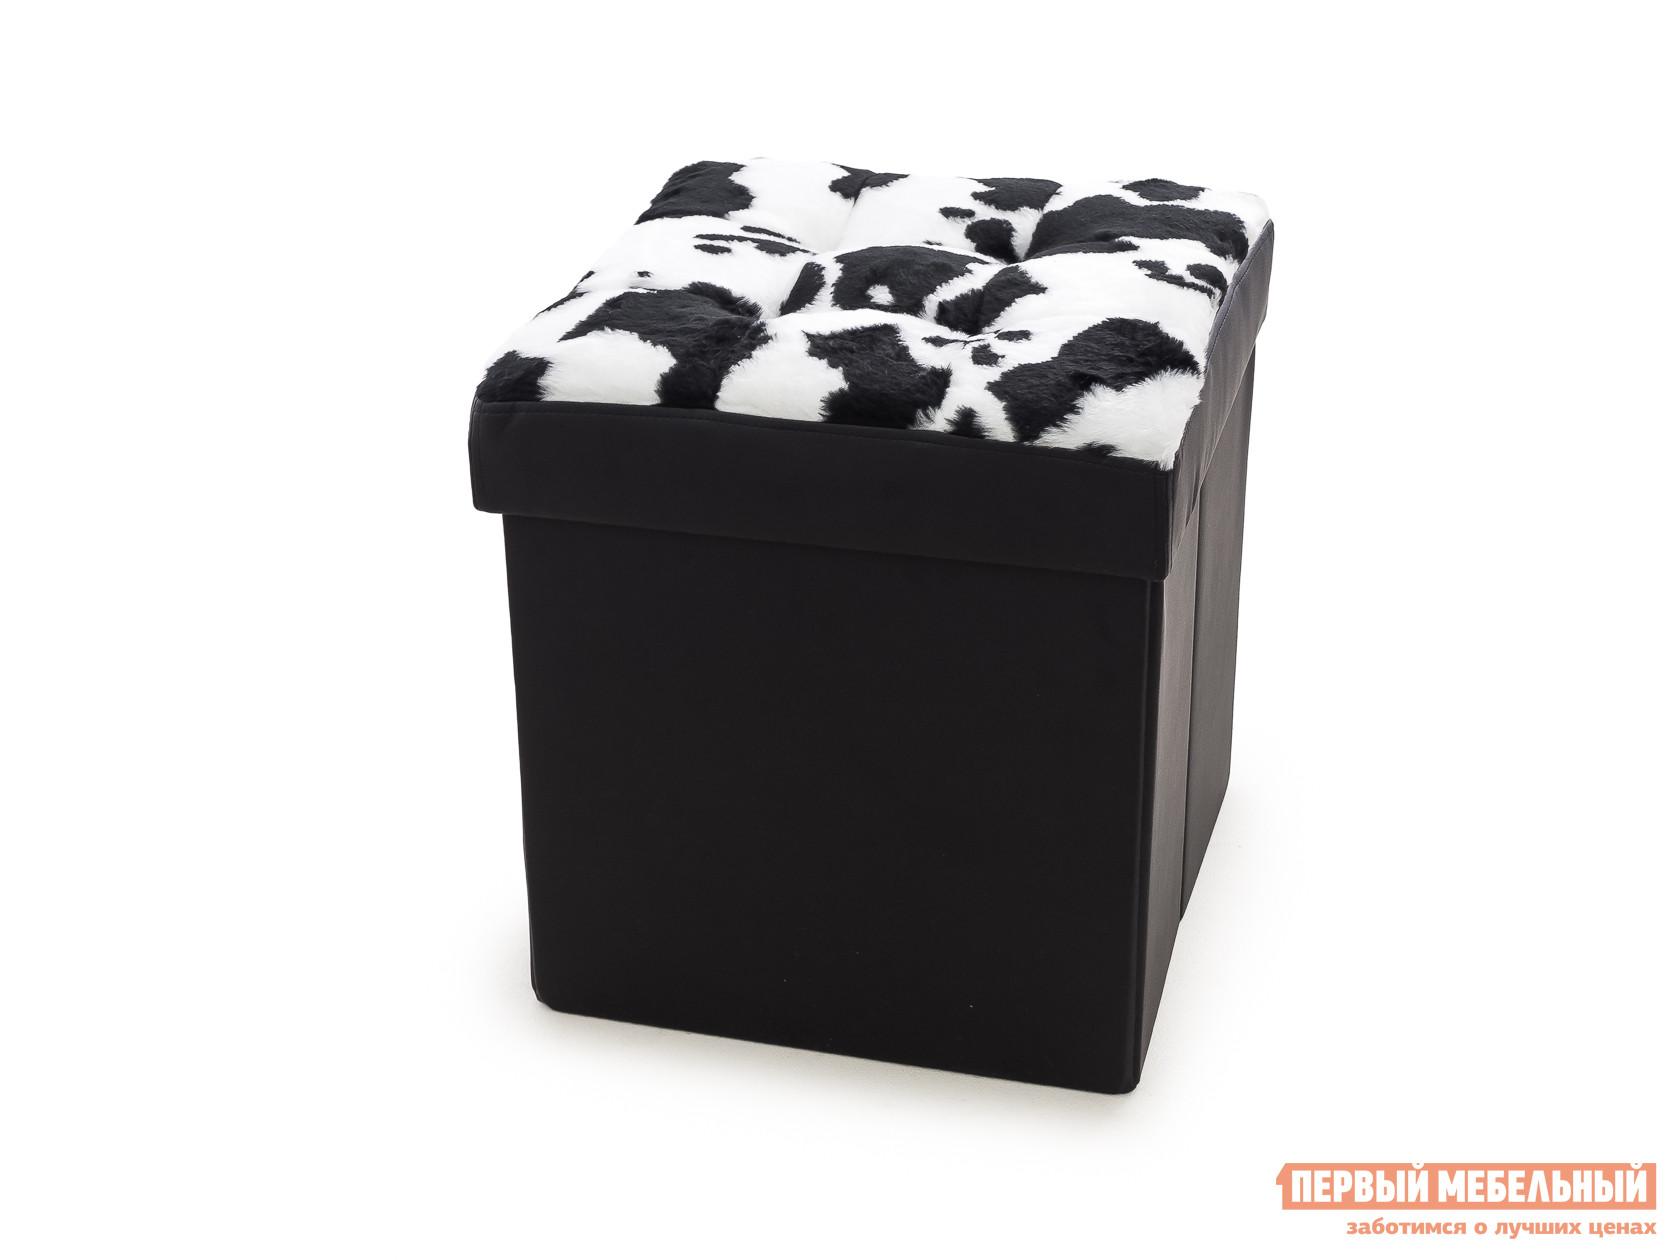 Пуф с ящиком для хранения DreamBag Пуфик складной Корова пуф dreambag кубик new york